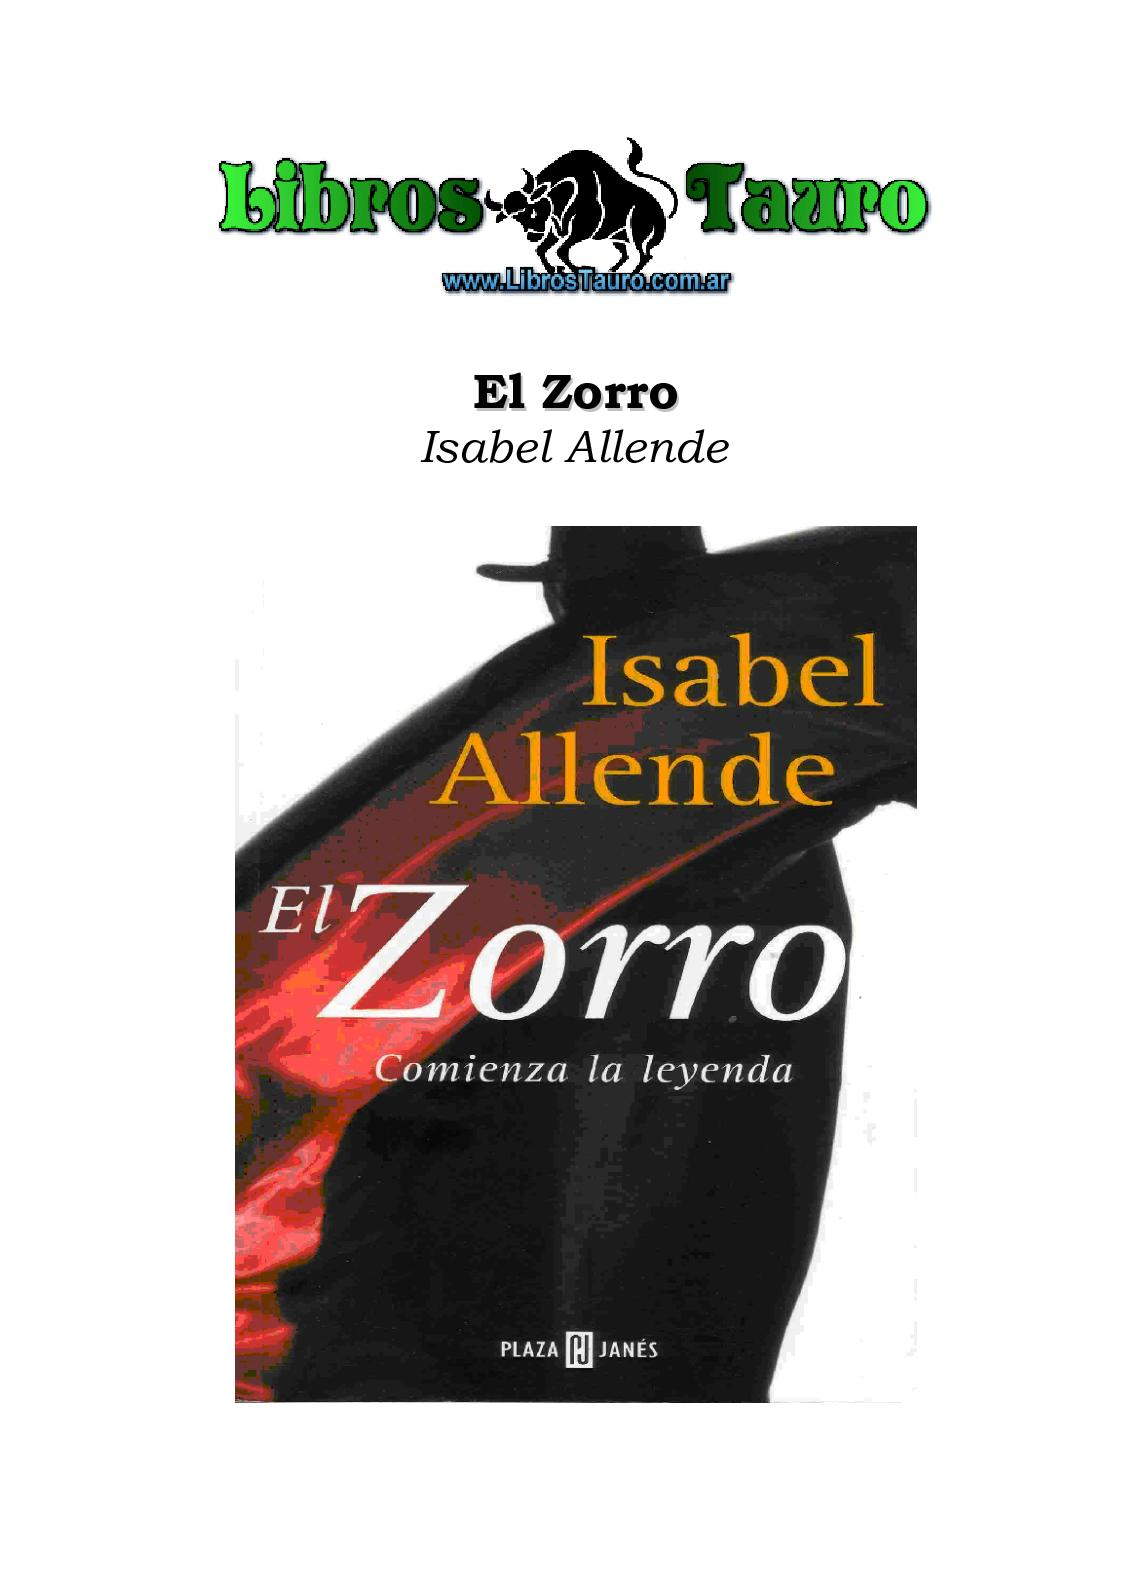 Calaméo - Allende 01c01f71a46